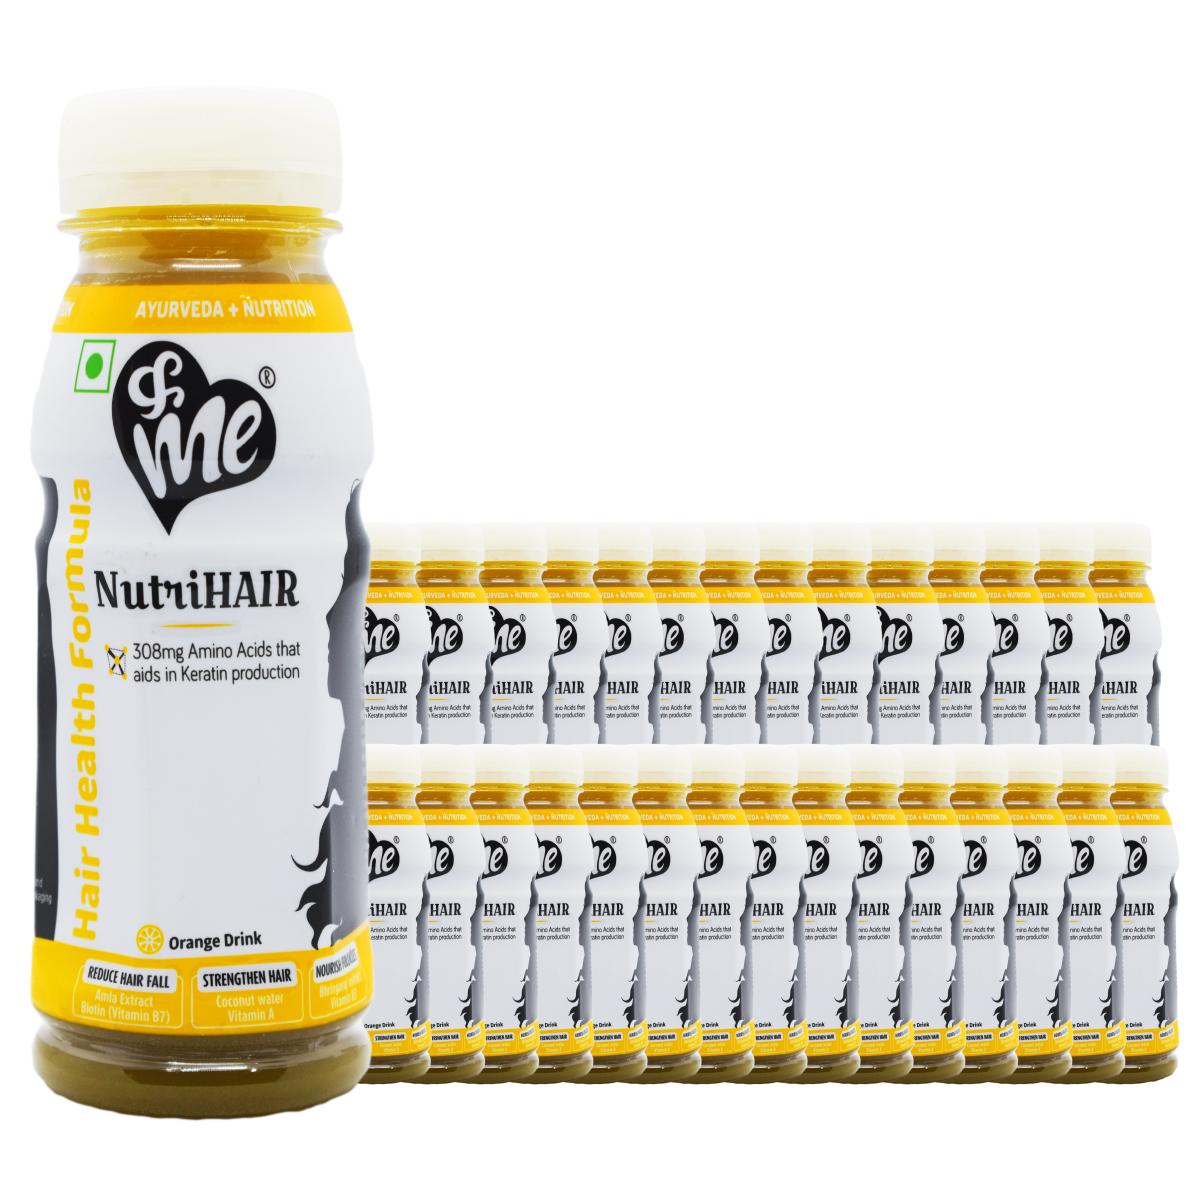 &Me NutriHair Drink-Orange 200mL(Pack of 30)